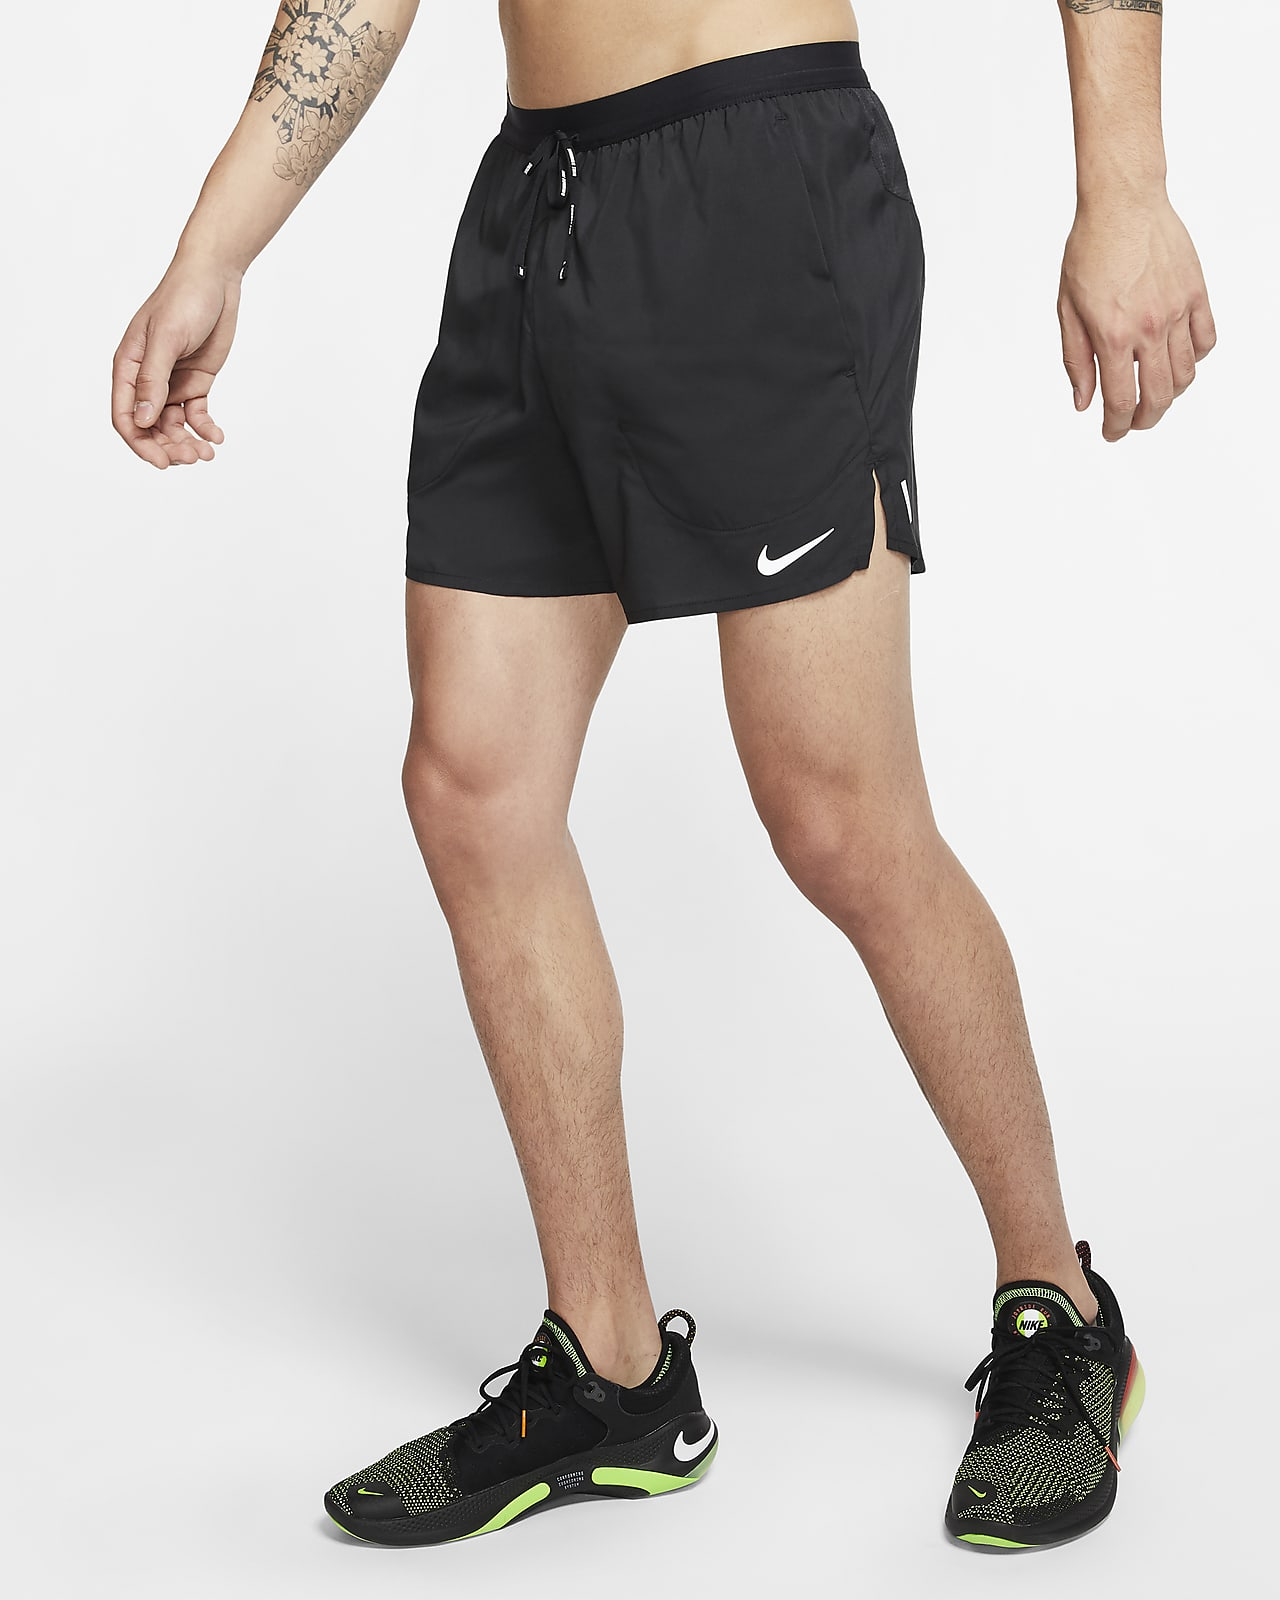 Męskie spodenki z szortami do biegania 13 cm Nike Flex Stride